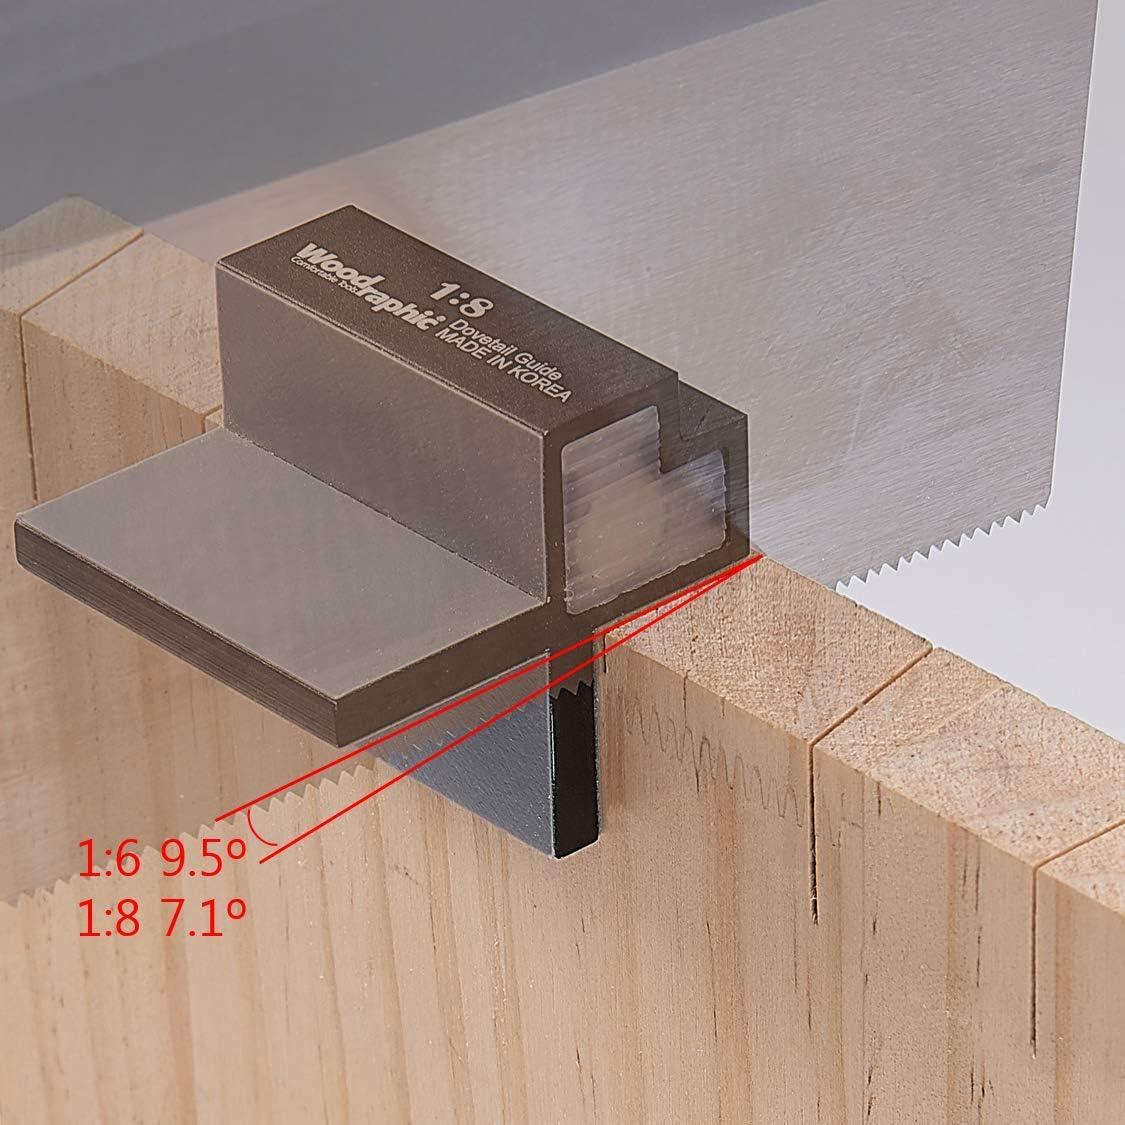 753132342141 Woodraphic Marqueur /à queue daronde magn/étique Pour scie /à main multicolore